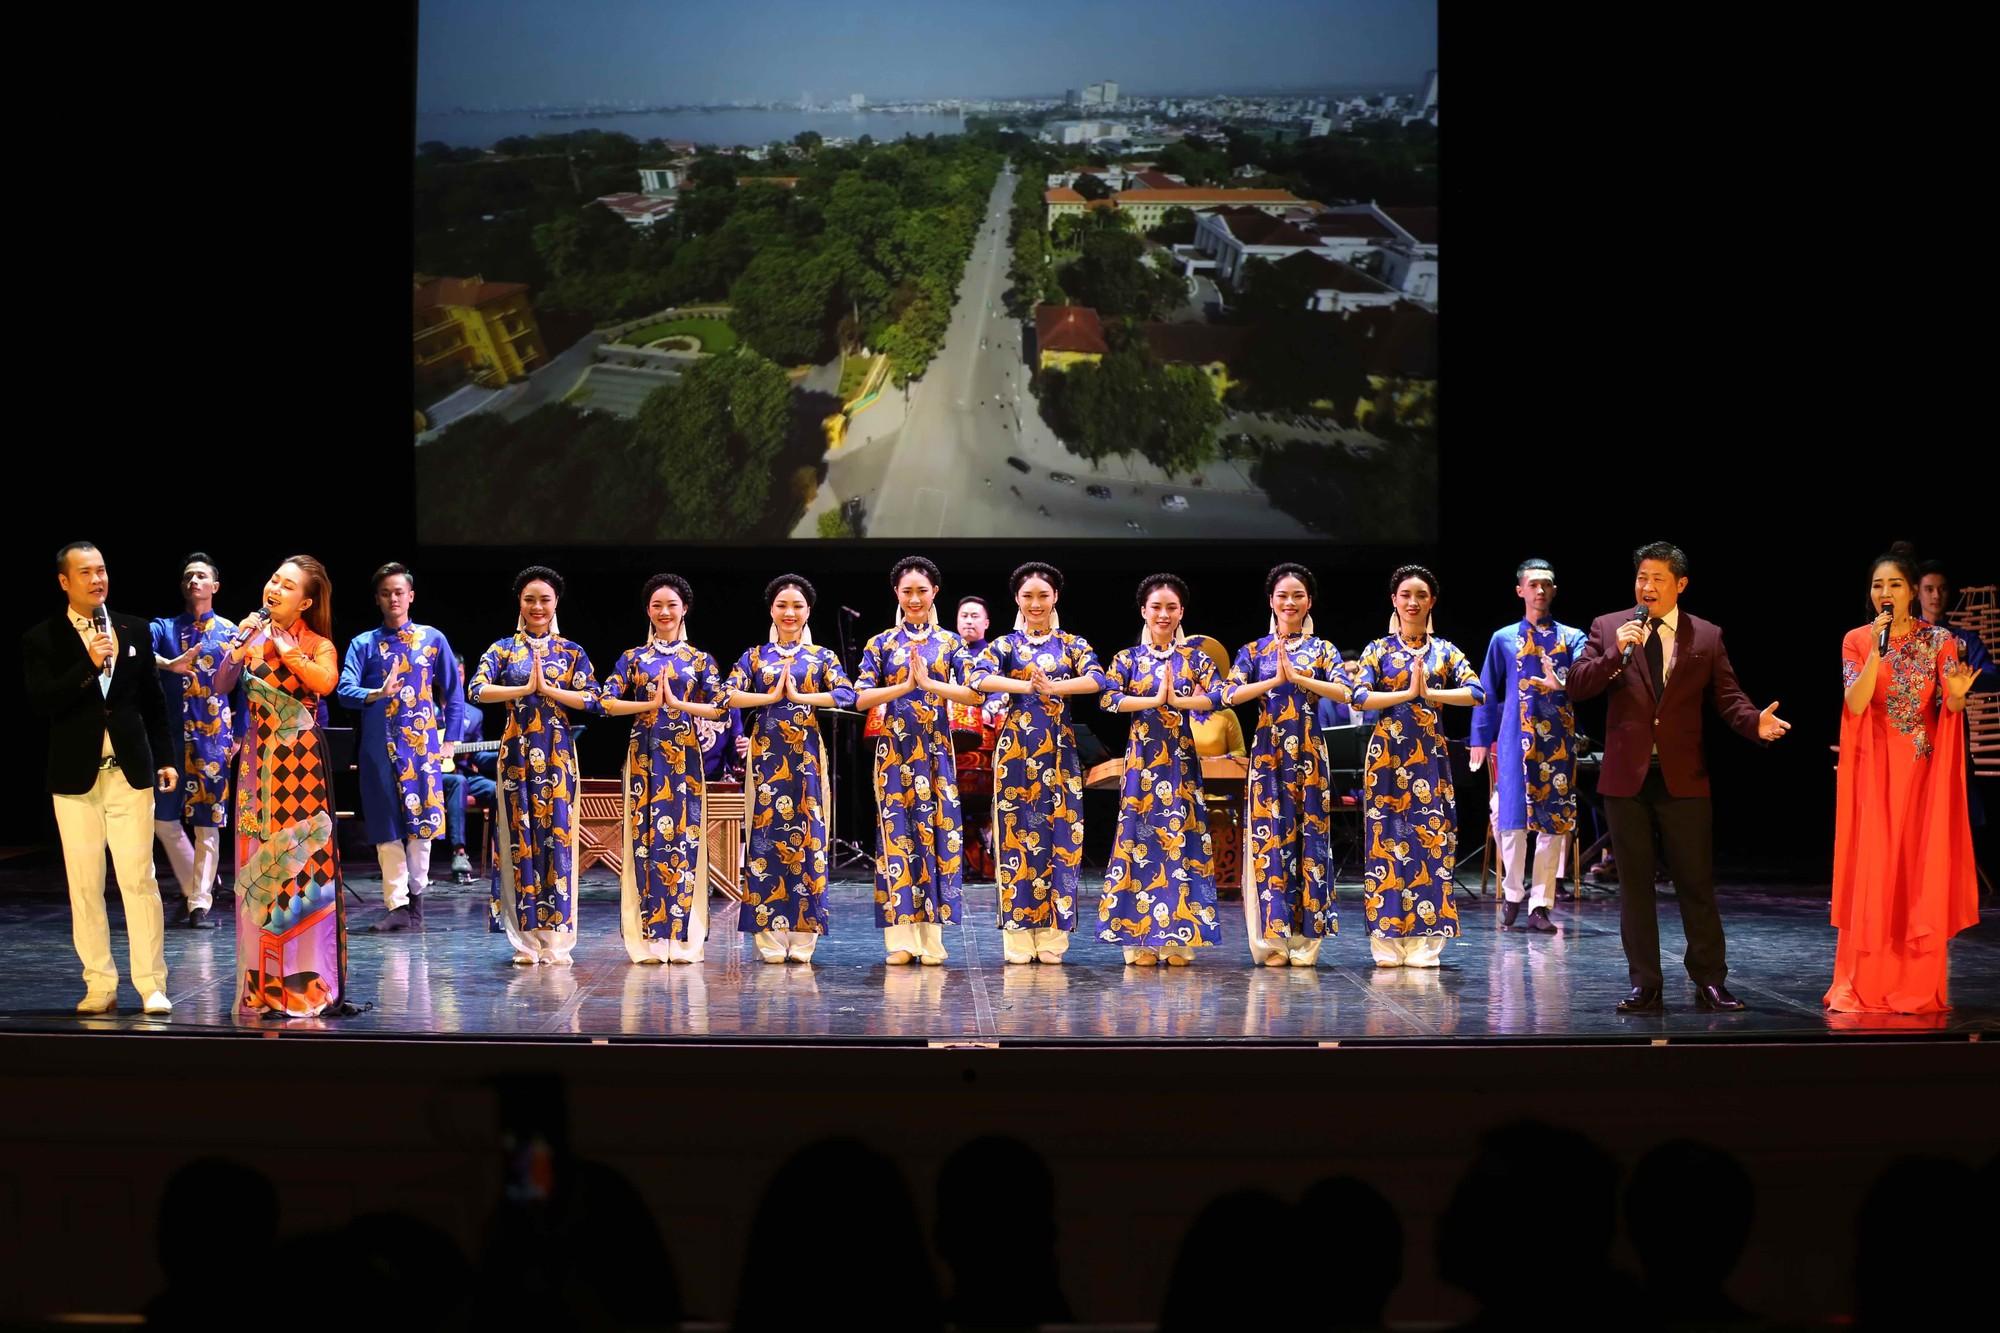 Nghệ thuật Việt Nam tiếp tục toả sáng tại Cố đô St.Petersburg, Liên bang Nga - Ảnh 2.